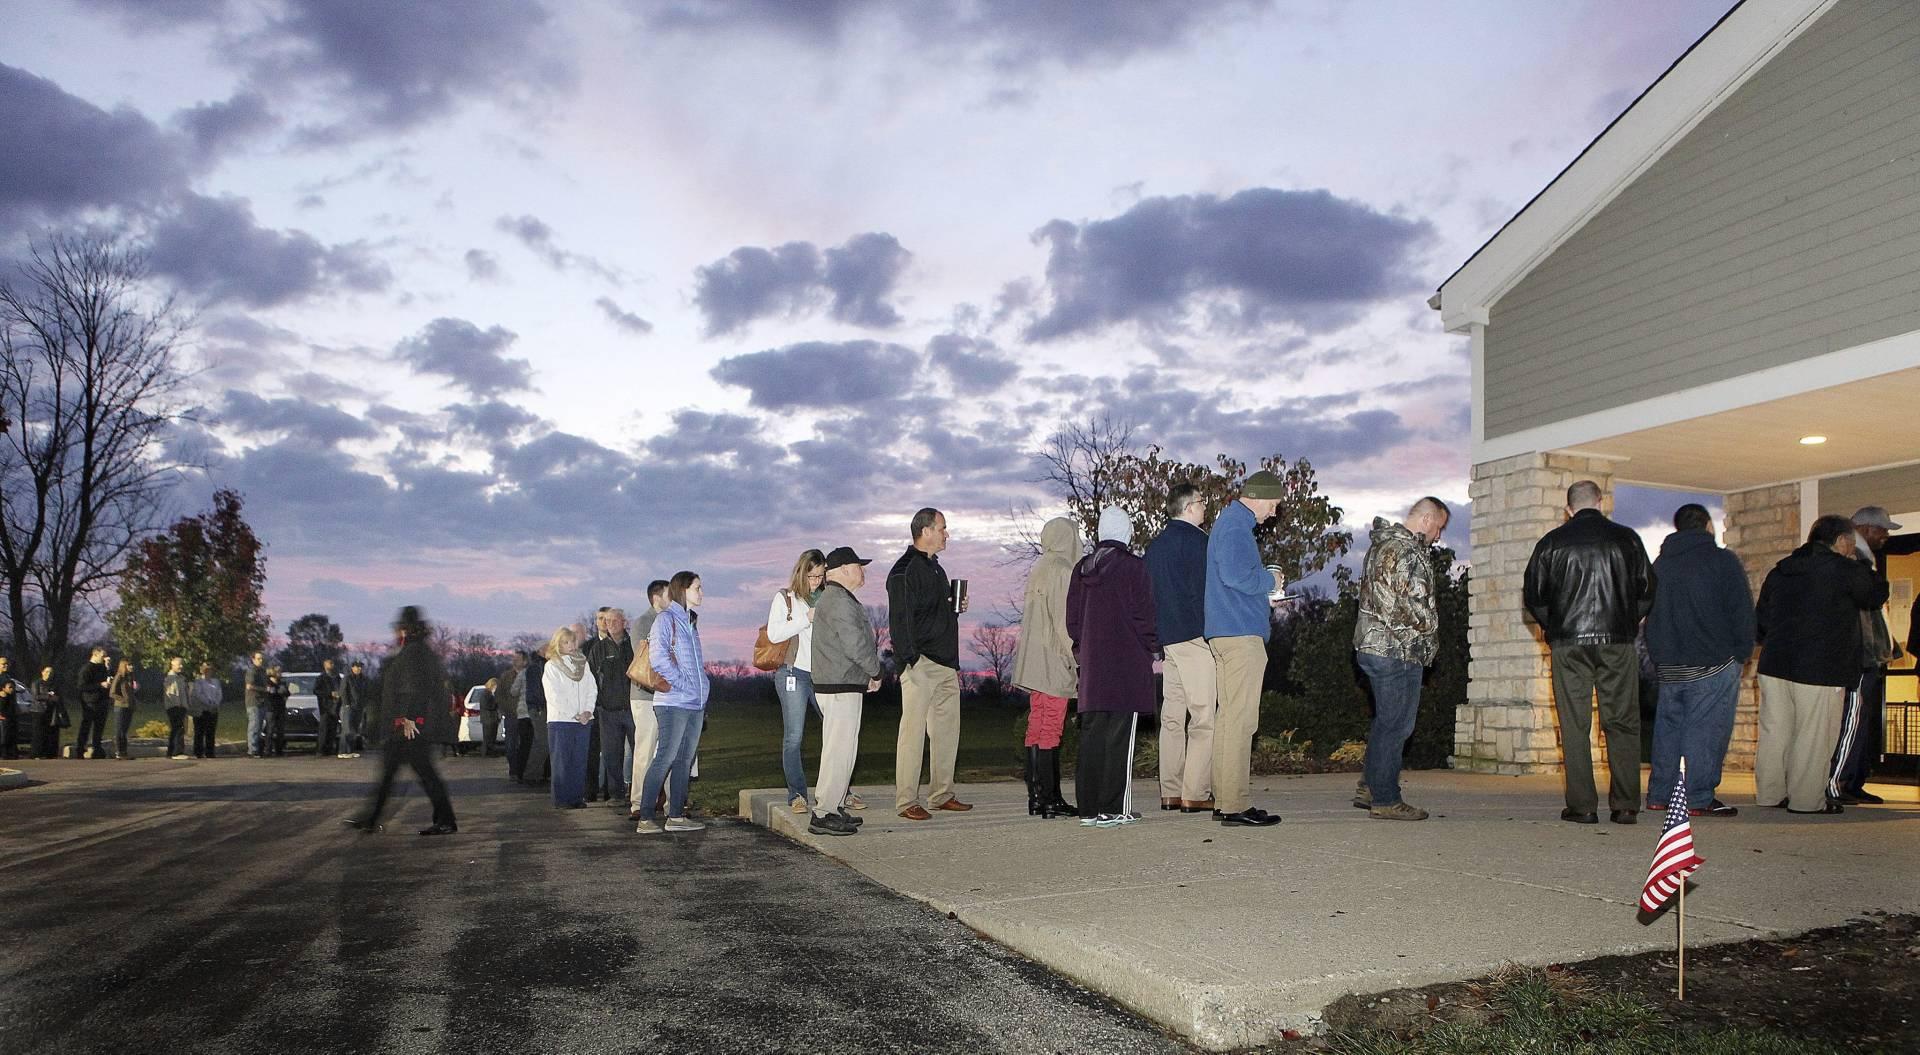 Ciudadanos estadounidenses esperan para votar en un colegio electoral durante la jornada de elecciones presidenciales en Deerfiled Township (Ohio). Efe